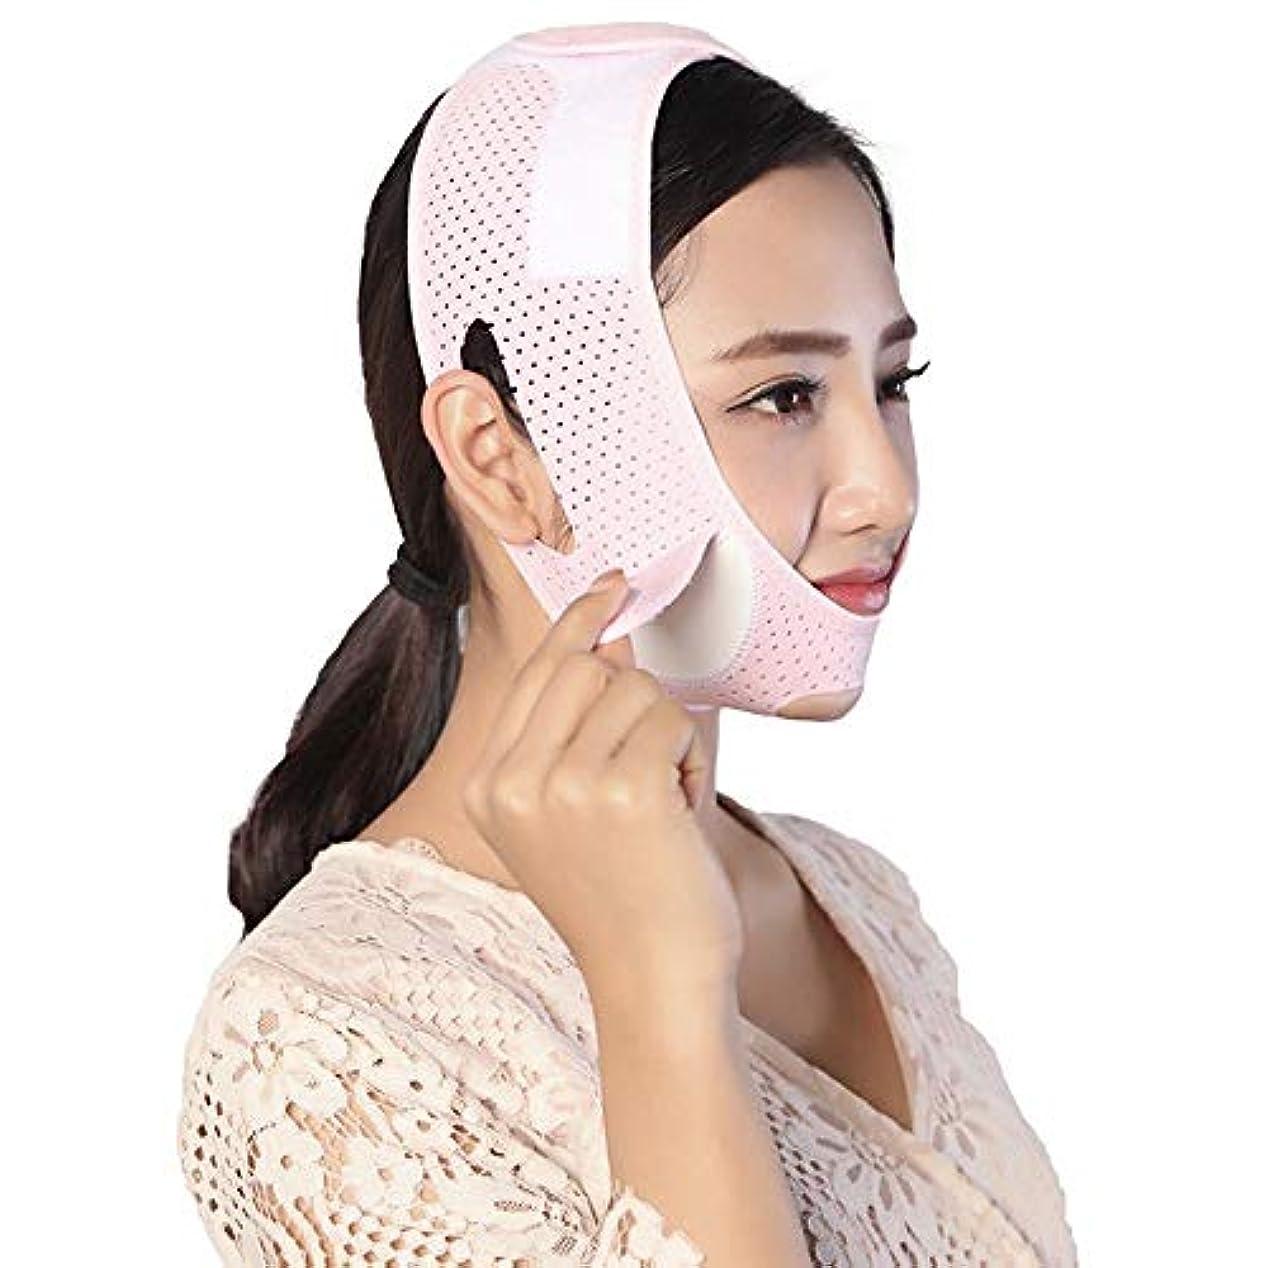 異常な早く被るGYZ フェイシャルリフティング痩身ベルト - 圧縮二重あご減量ベルトスキンケア薄い顔包帯 Thin Face Belt